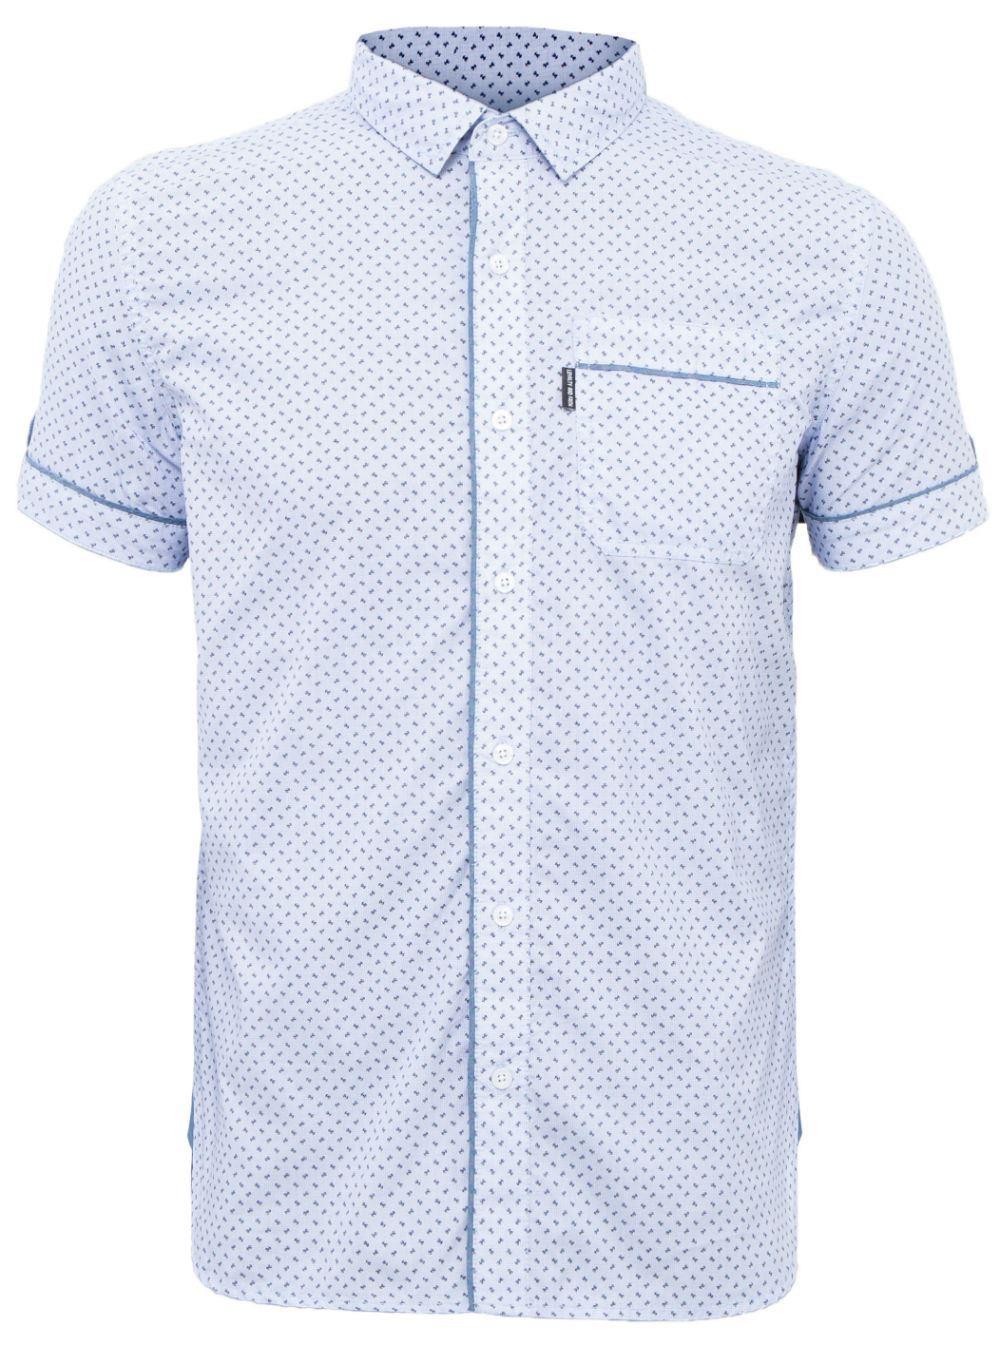 Loyalty & Faith Rodeo Shirt - Blue|3XL